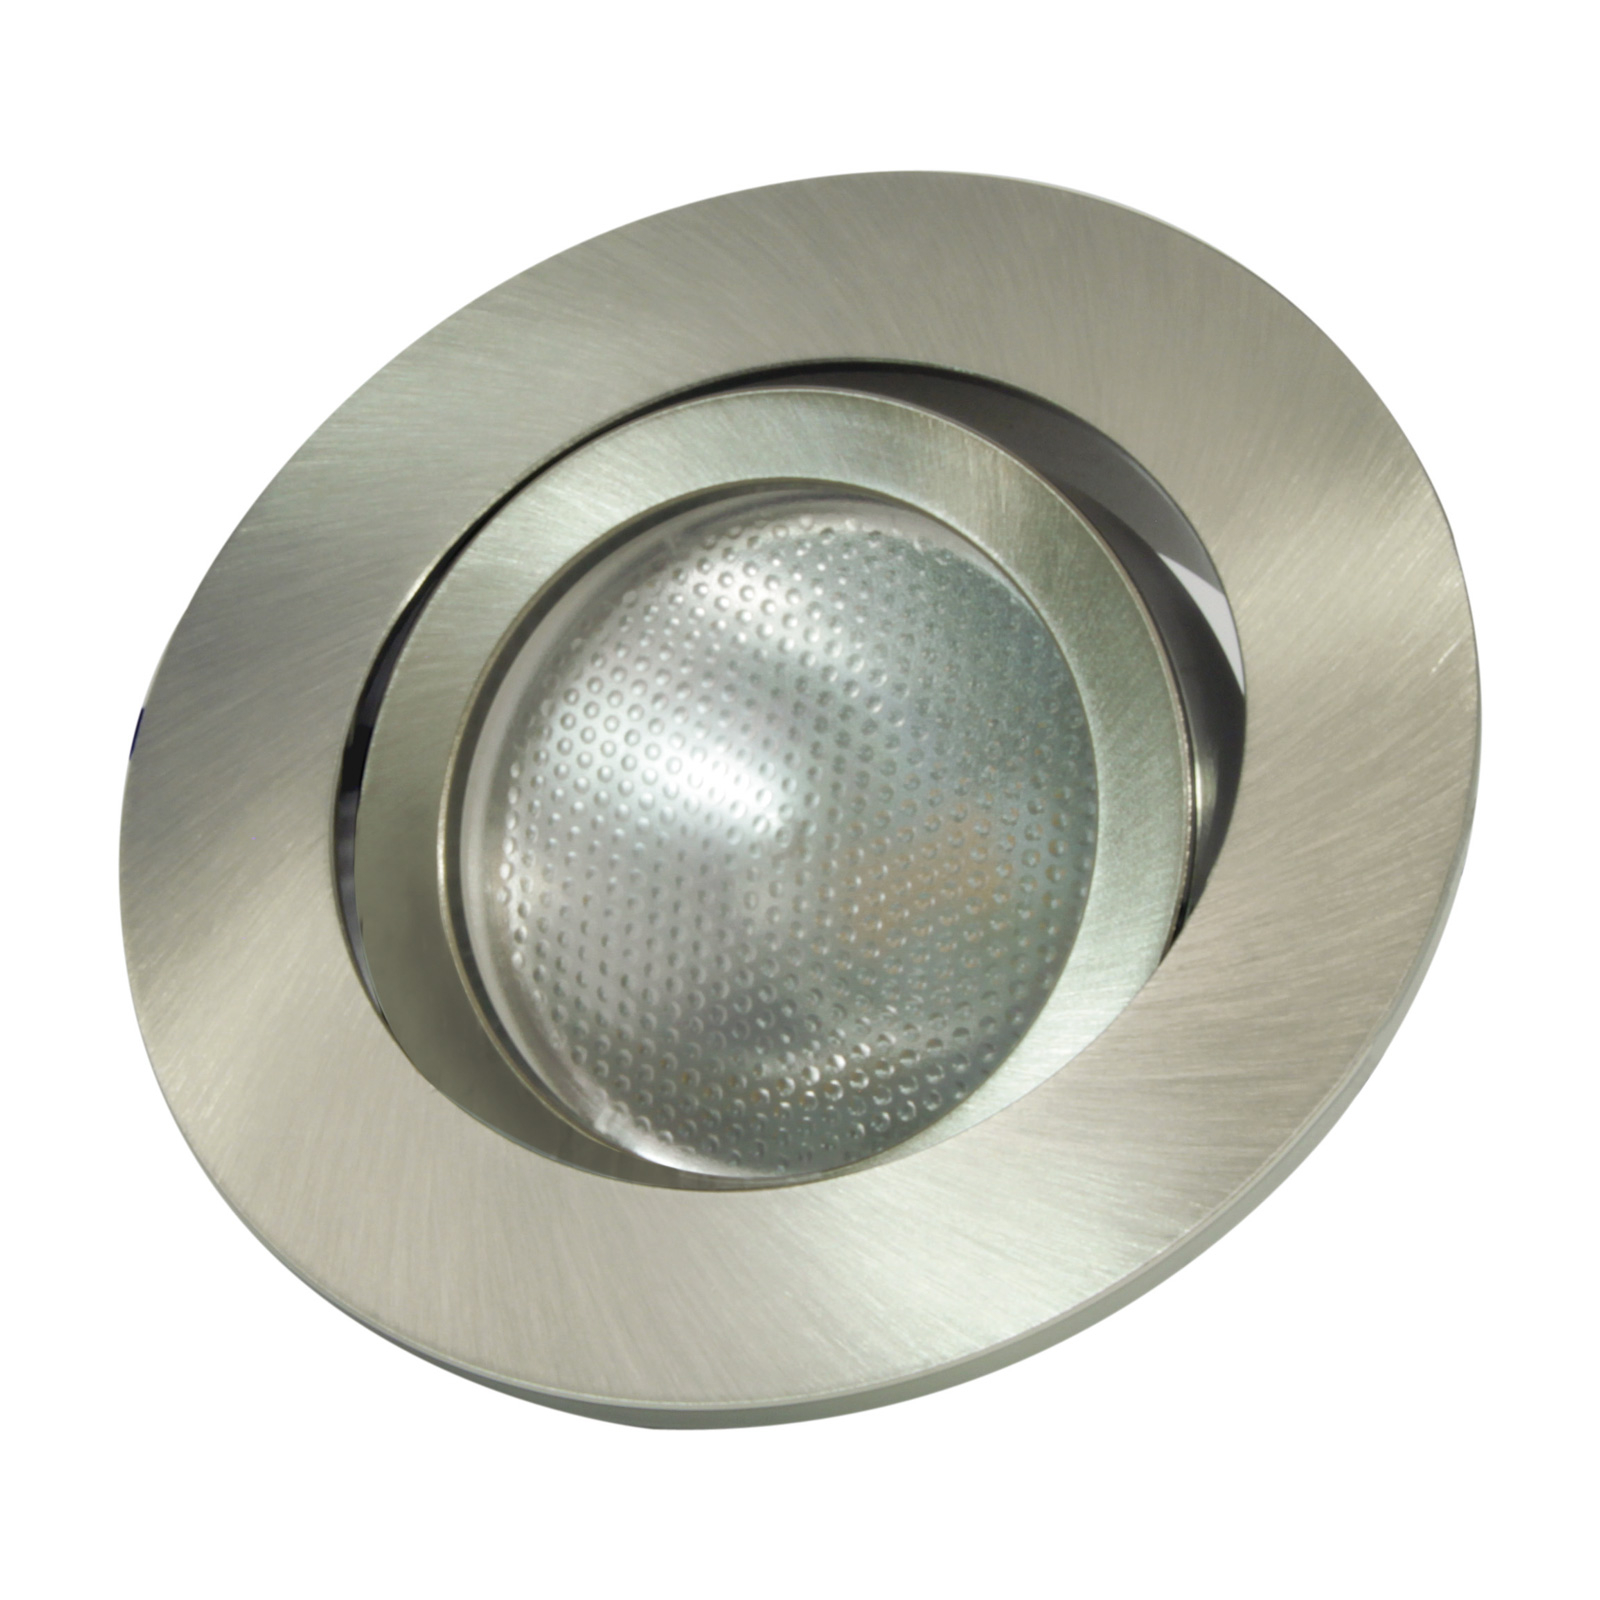 Anello LED Decoclic GU10/GU5.3, tondo ferro